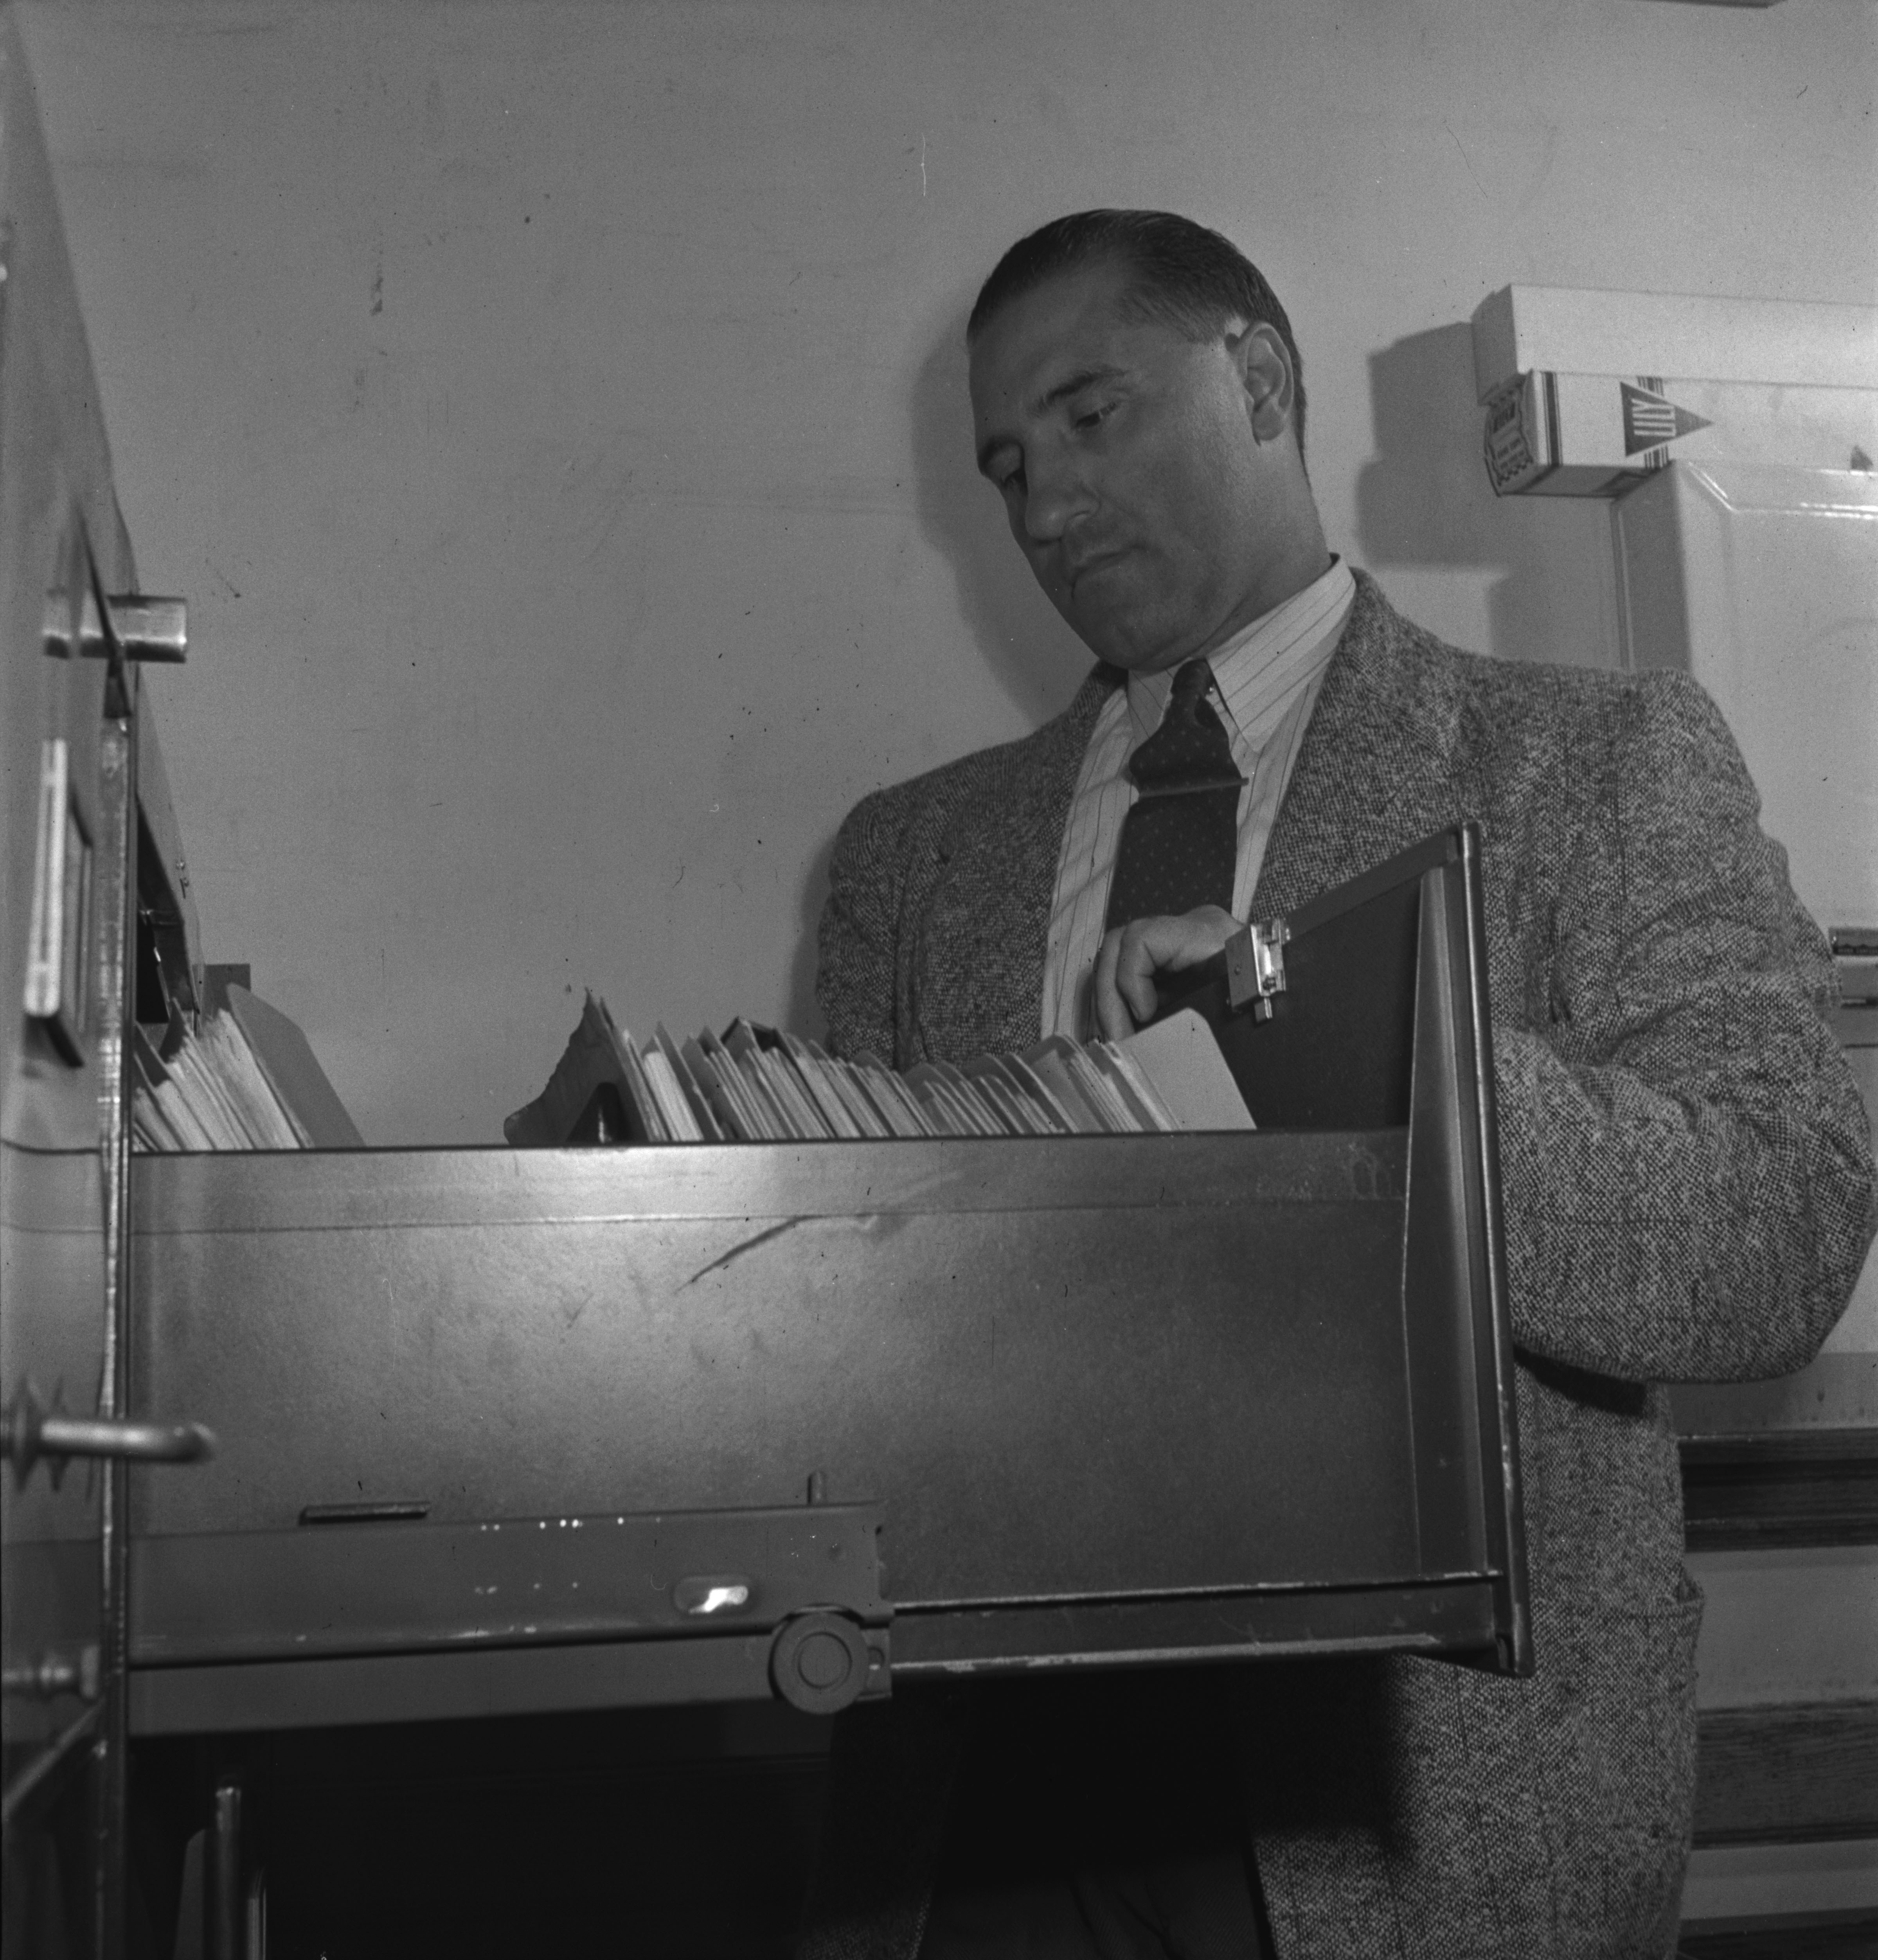 Photographie en noir et blanc d'un homme se tenant debout derrière un classeur.